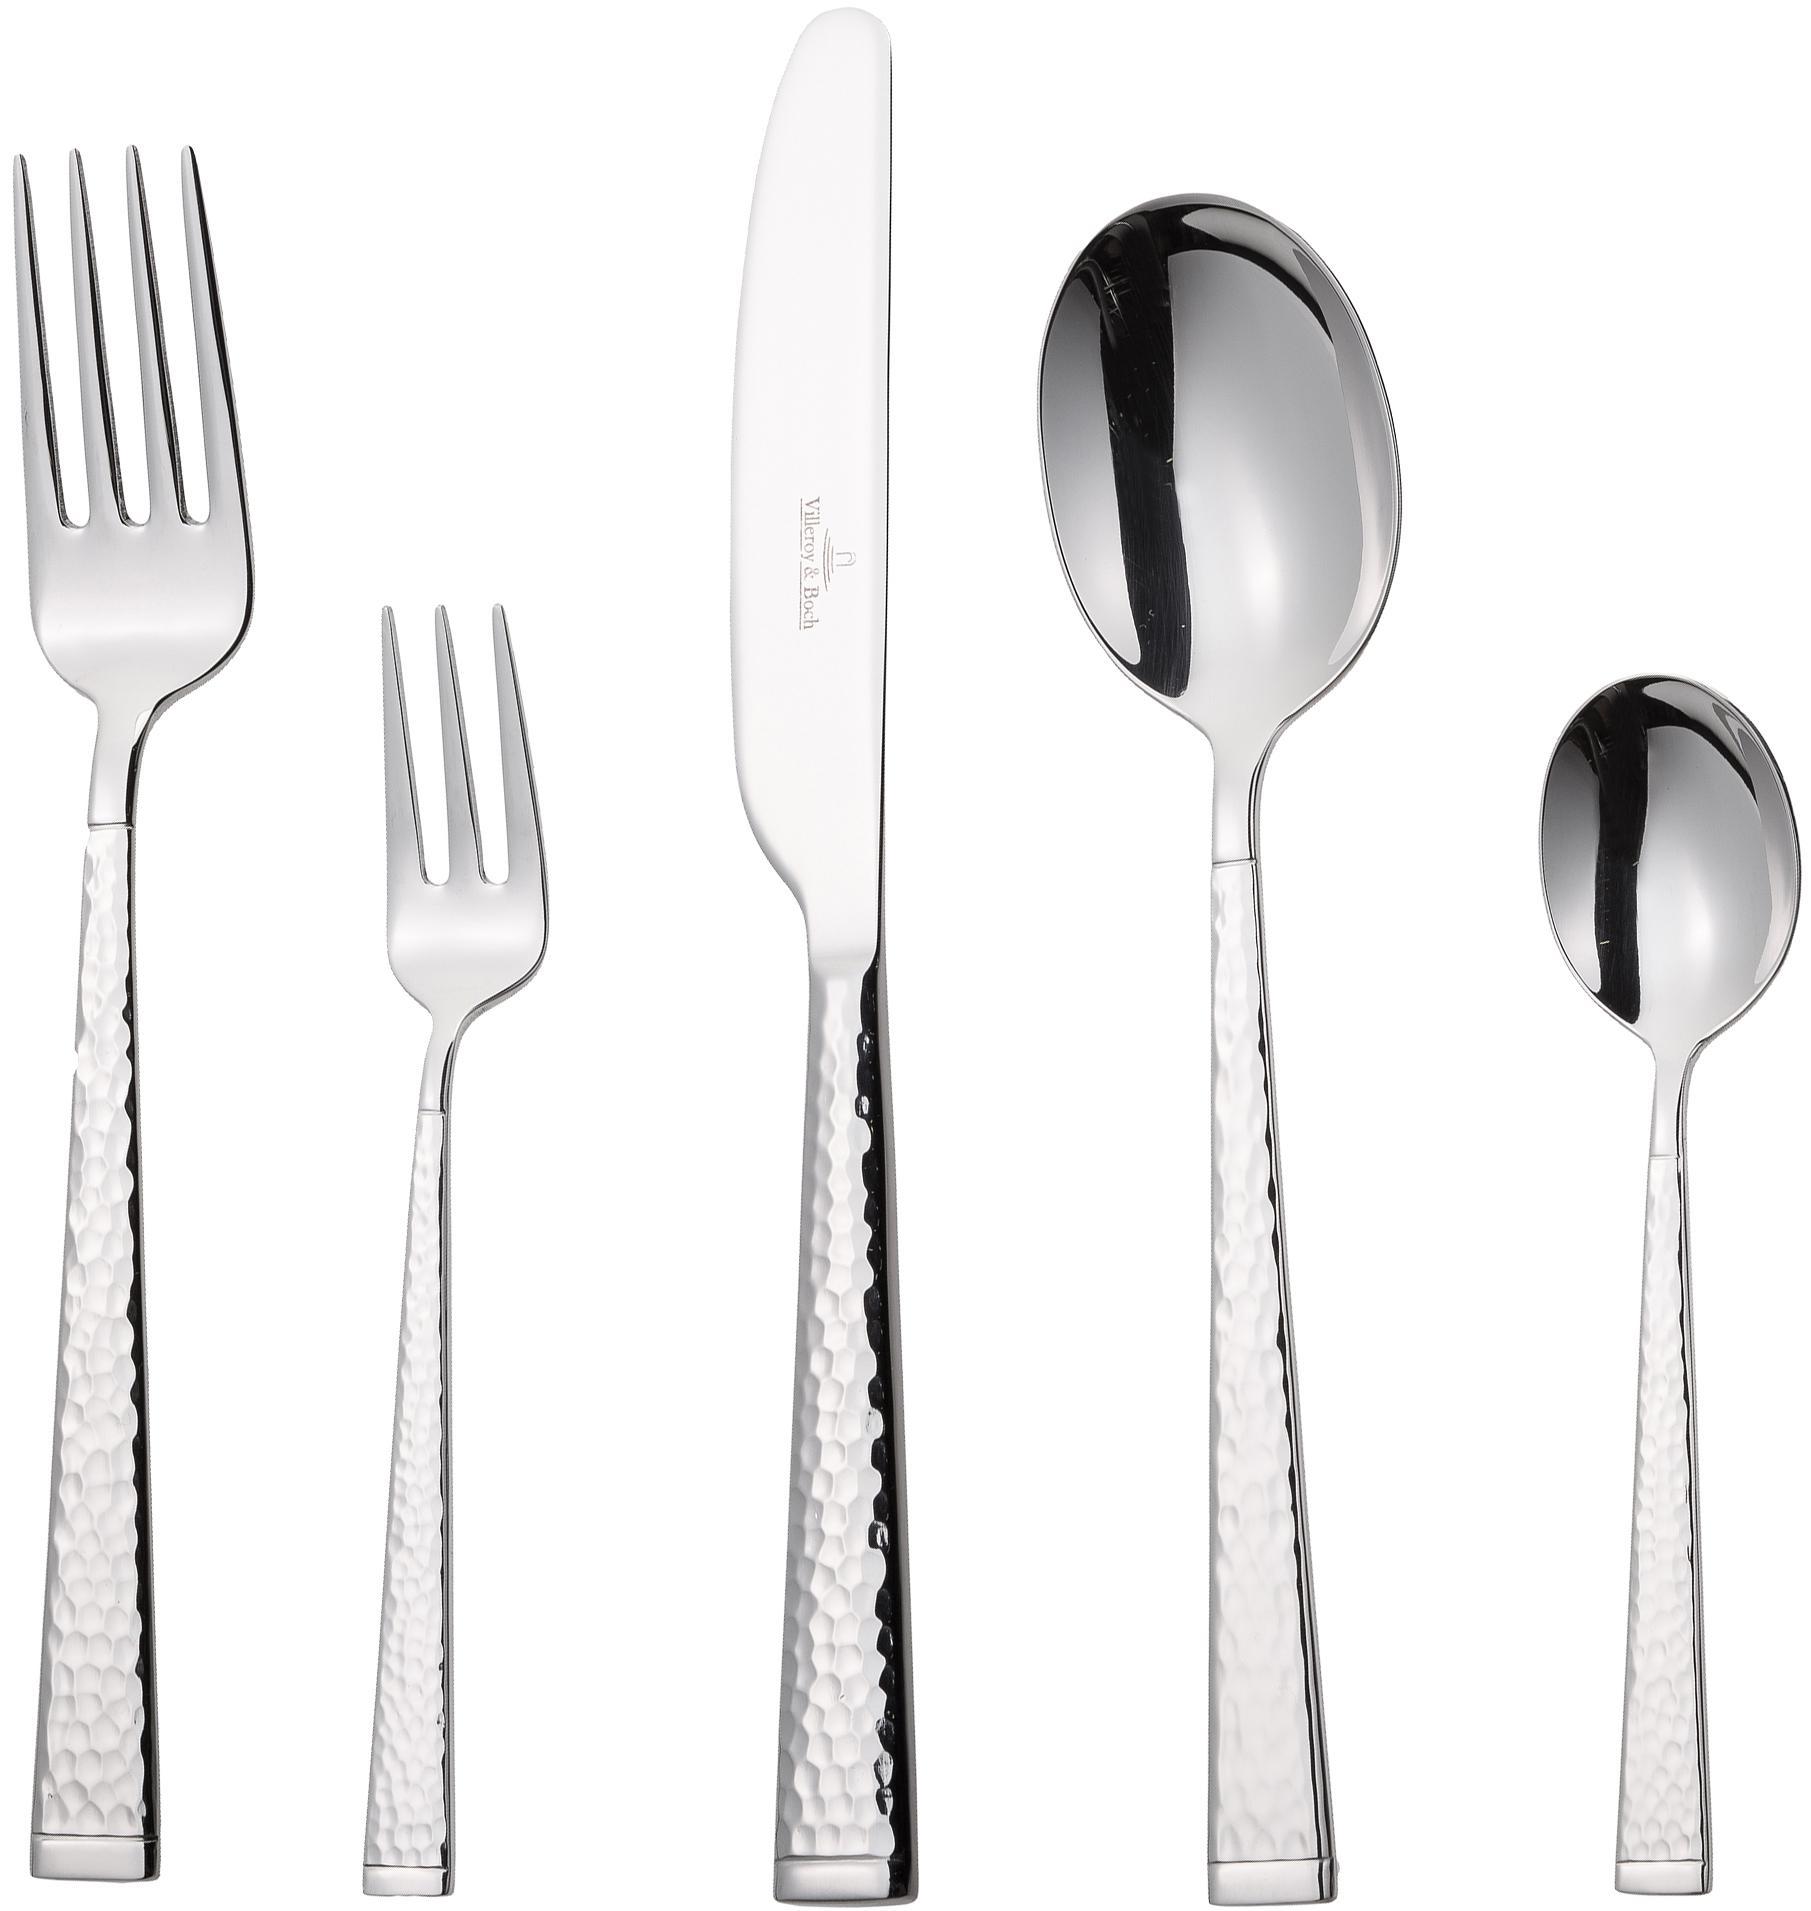 Silbernes Besteck-Set Blacksmith aus 18/10 Edelstahl, 6 Personen (30-tlg.), Edelstahl, Edelstahl, verschiedene Größen